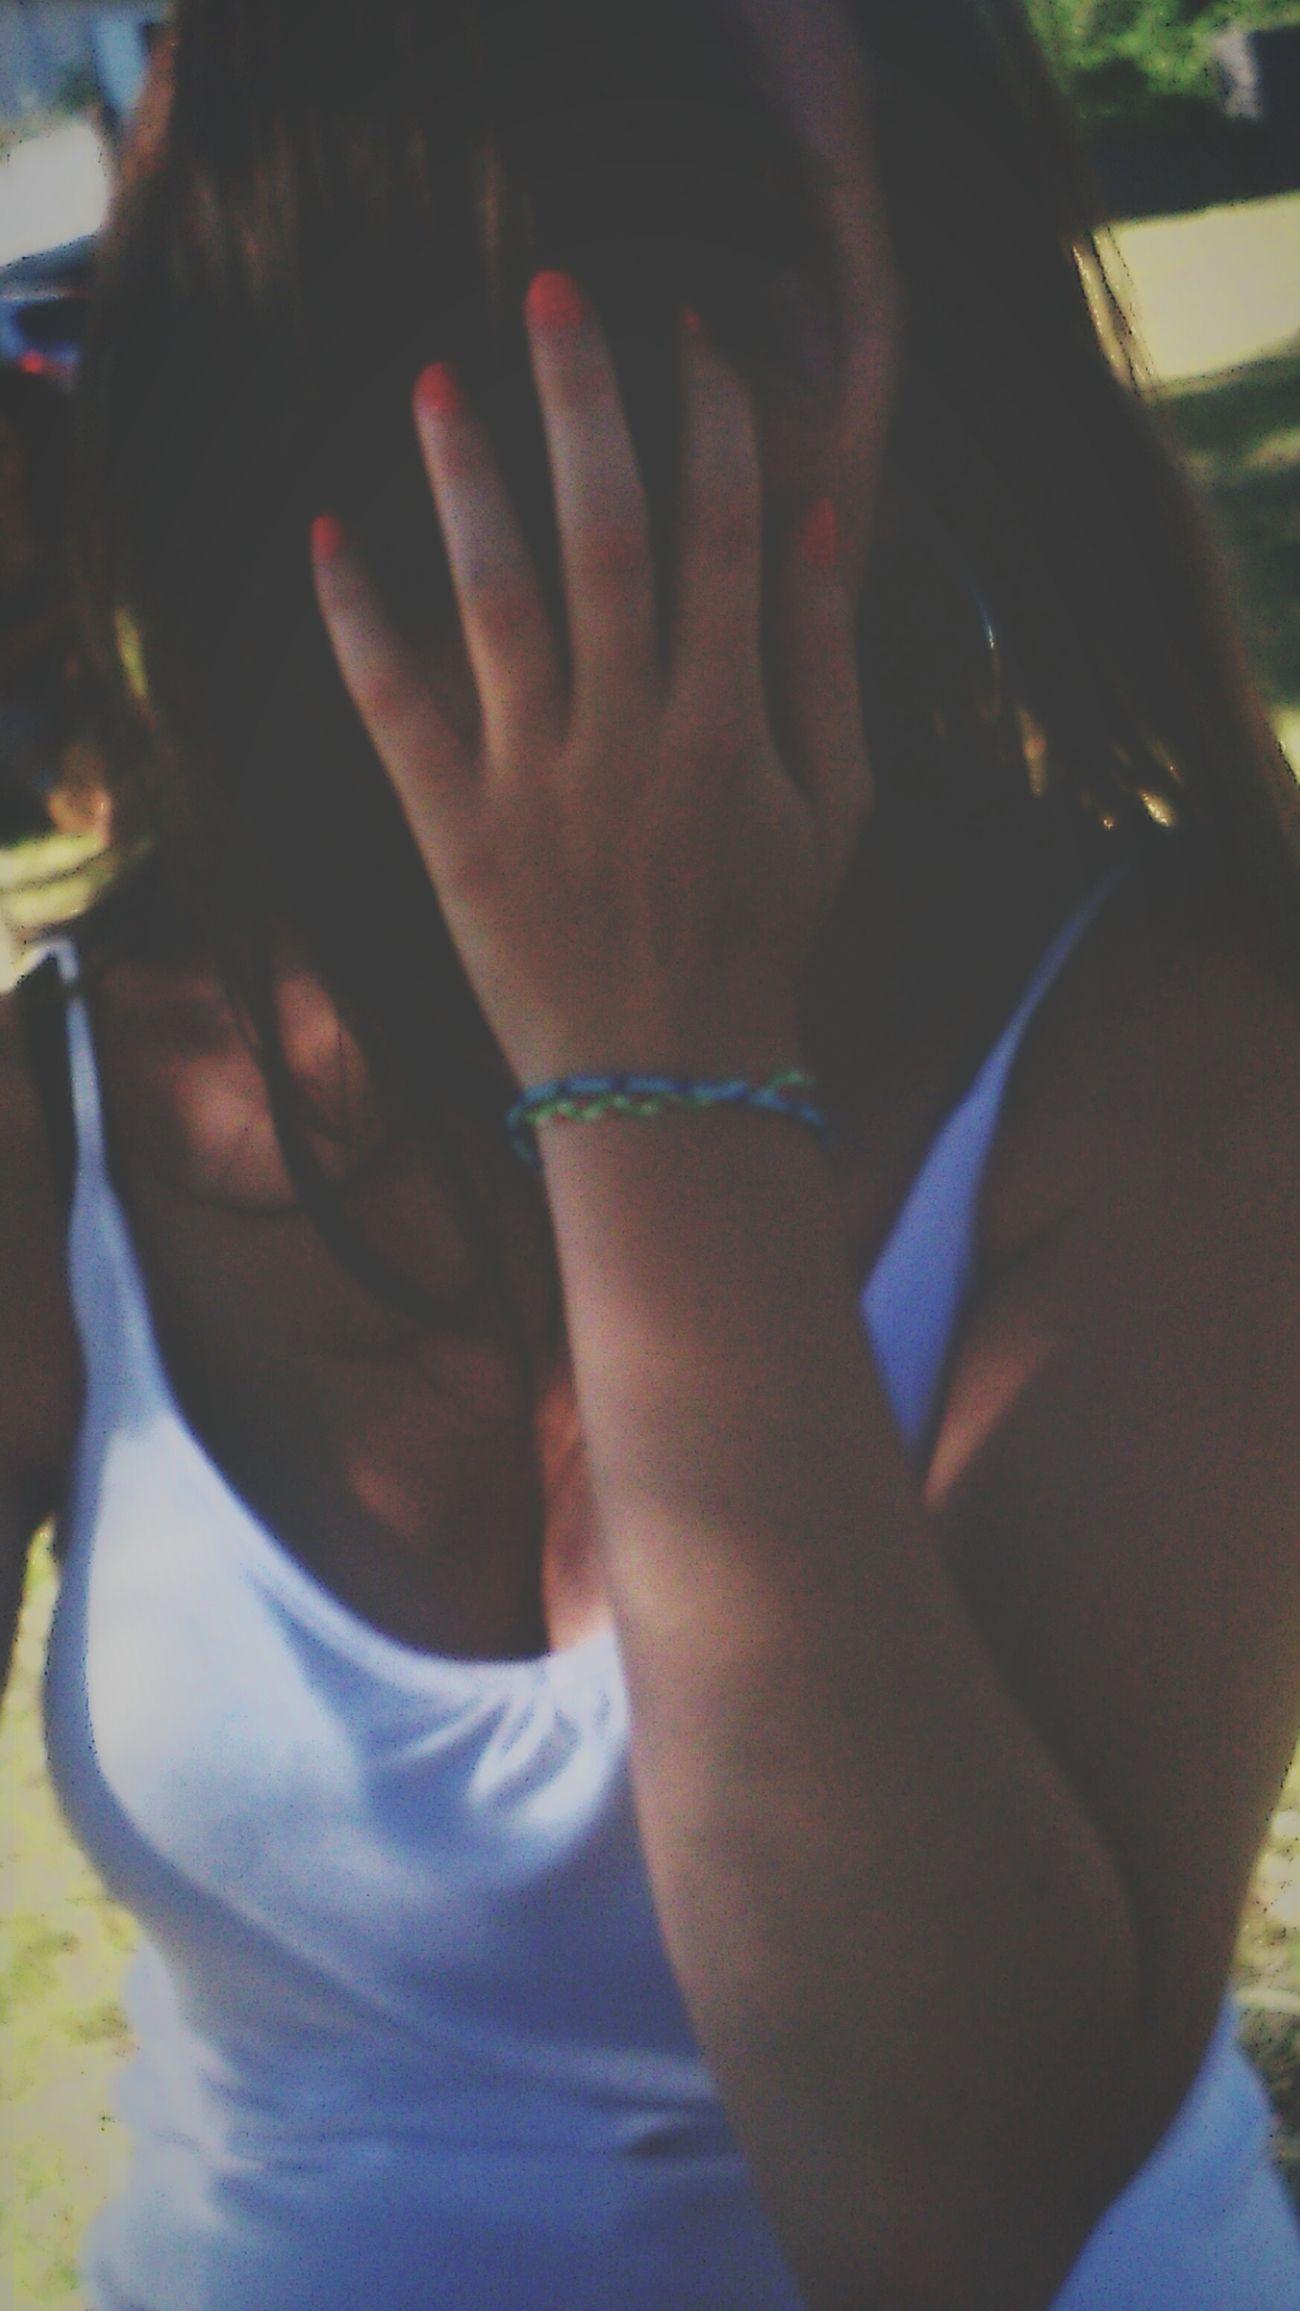 Best Friends ❤ Love ♥ AMOUR DE MA VIE